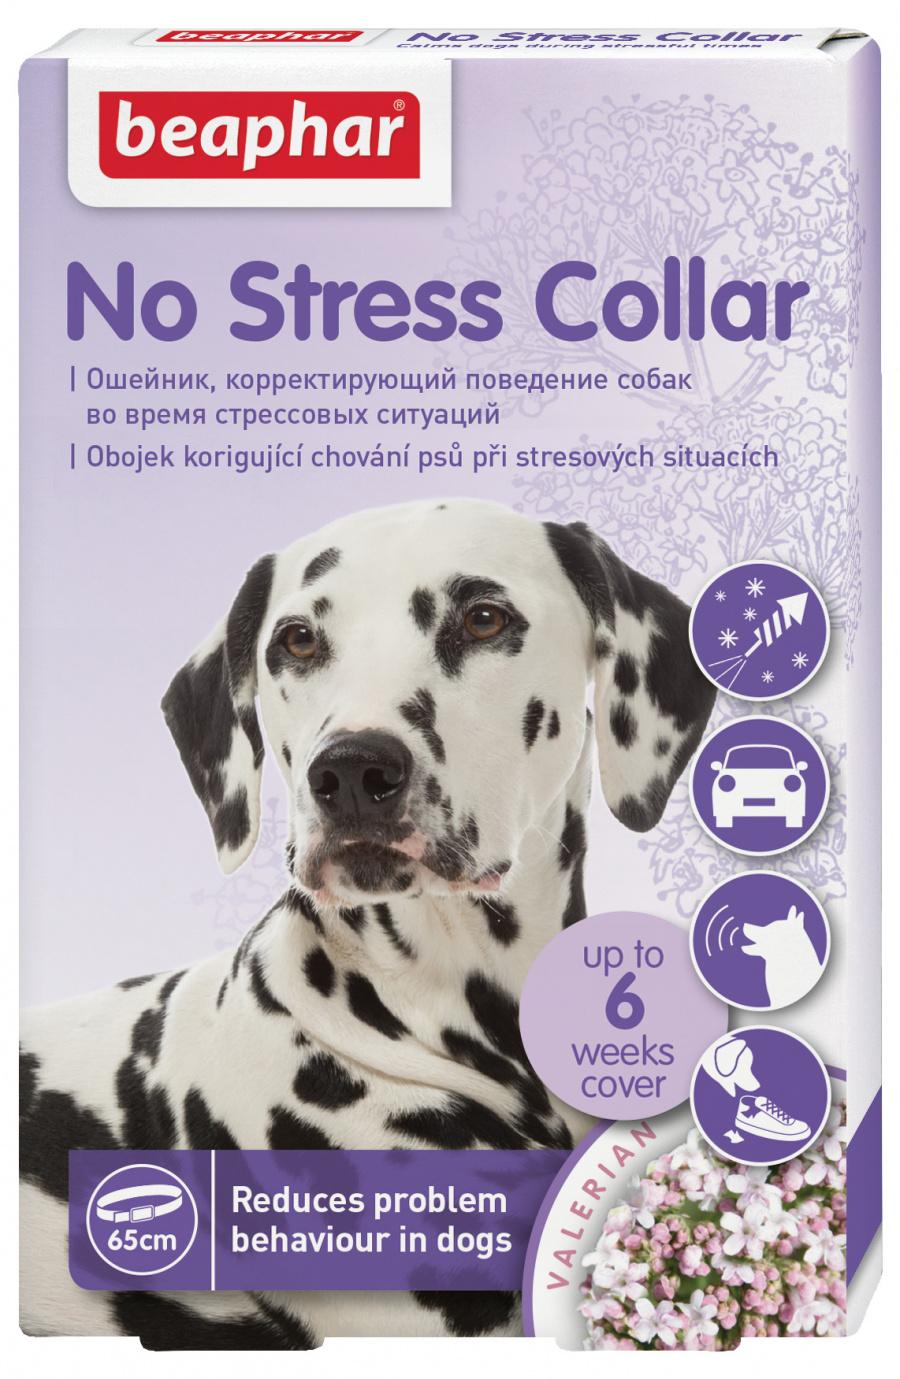 Nomierinošs līdzeklis suņiem - Beaphar No stress Dog Collar, 65 cm